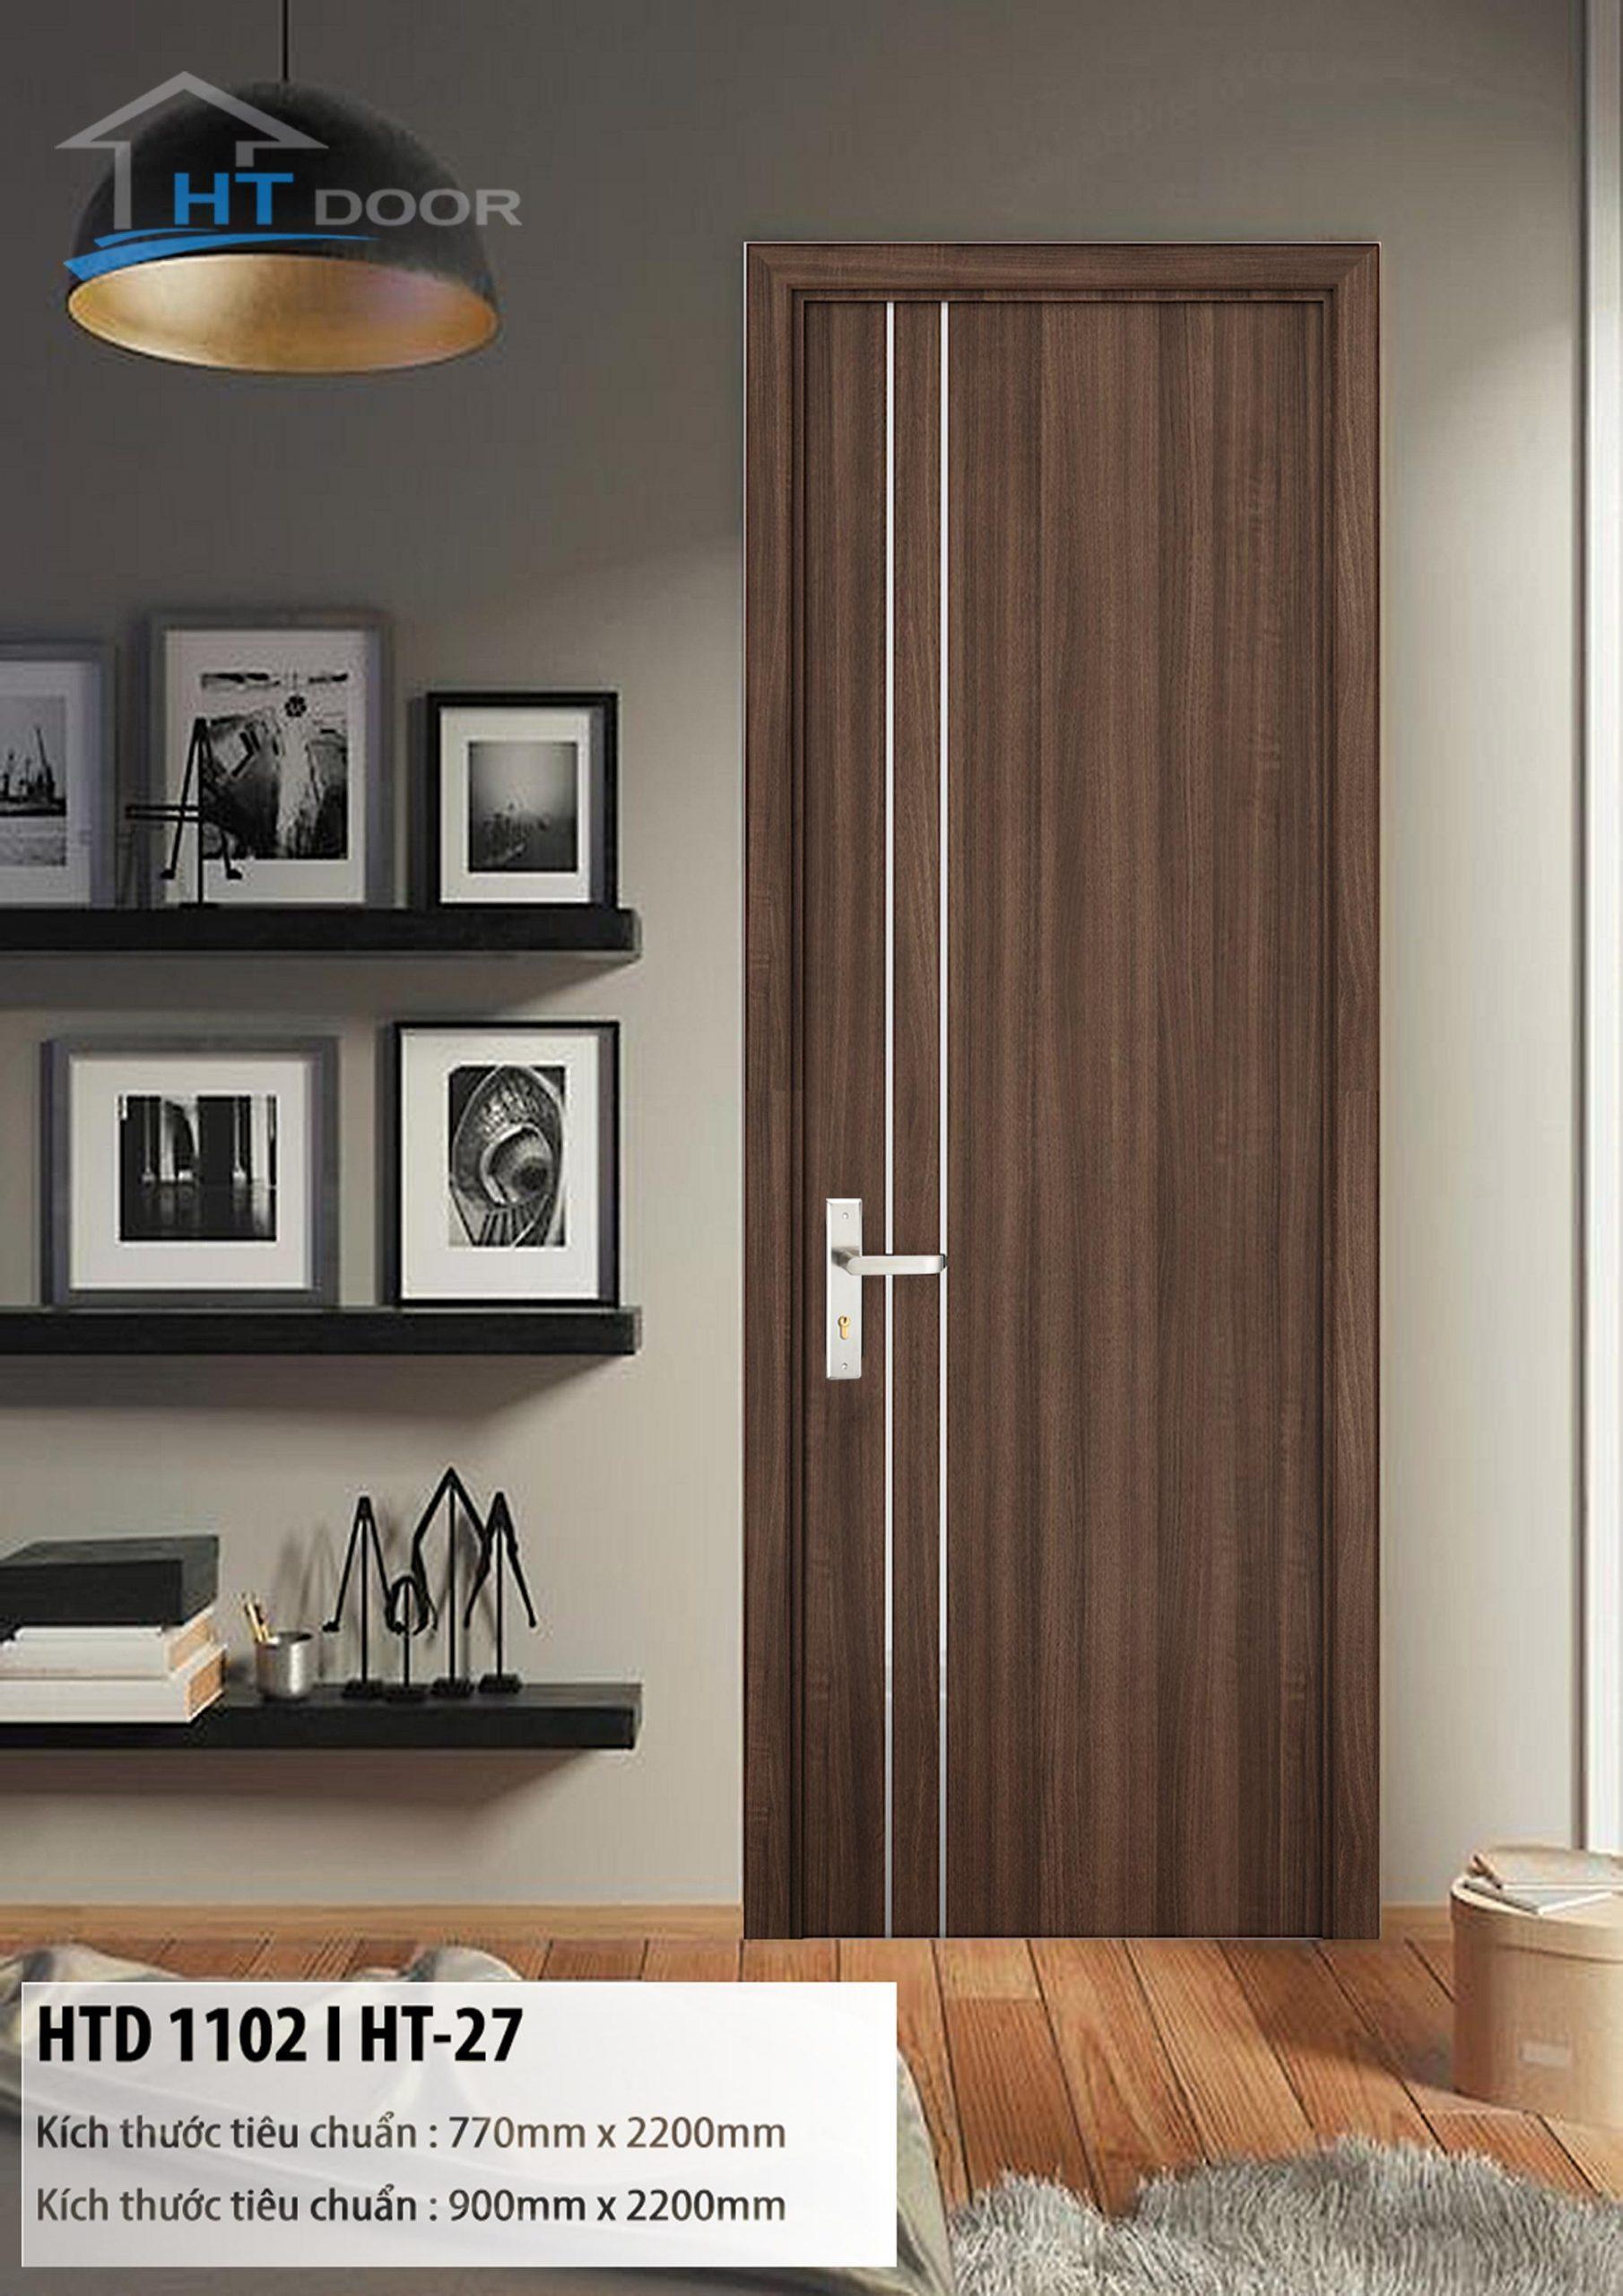 Mẫu cửa gỗ nhựa composite HTdoor HTD 1102